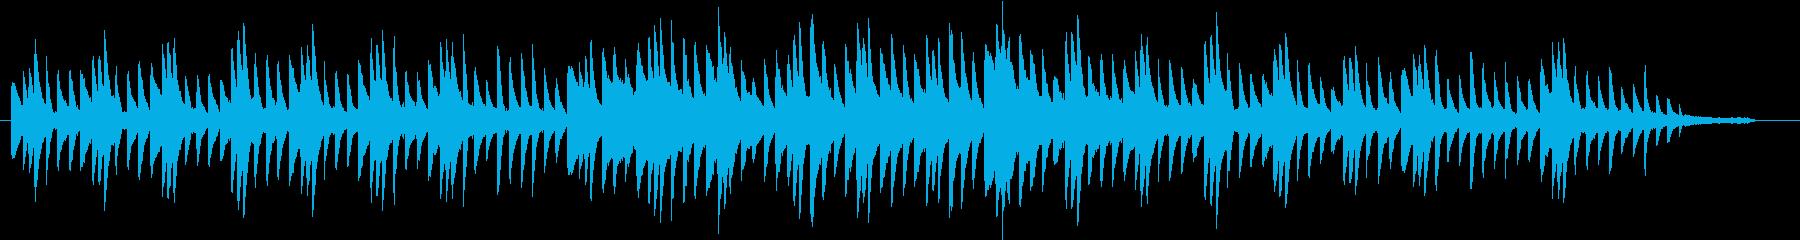 原風景のイメージのピアノ02の再生済みの波形